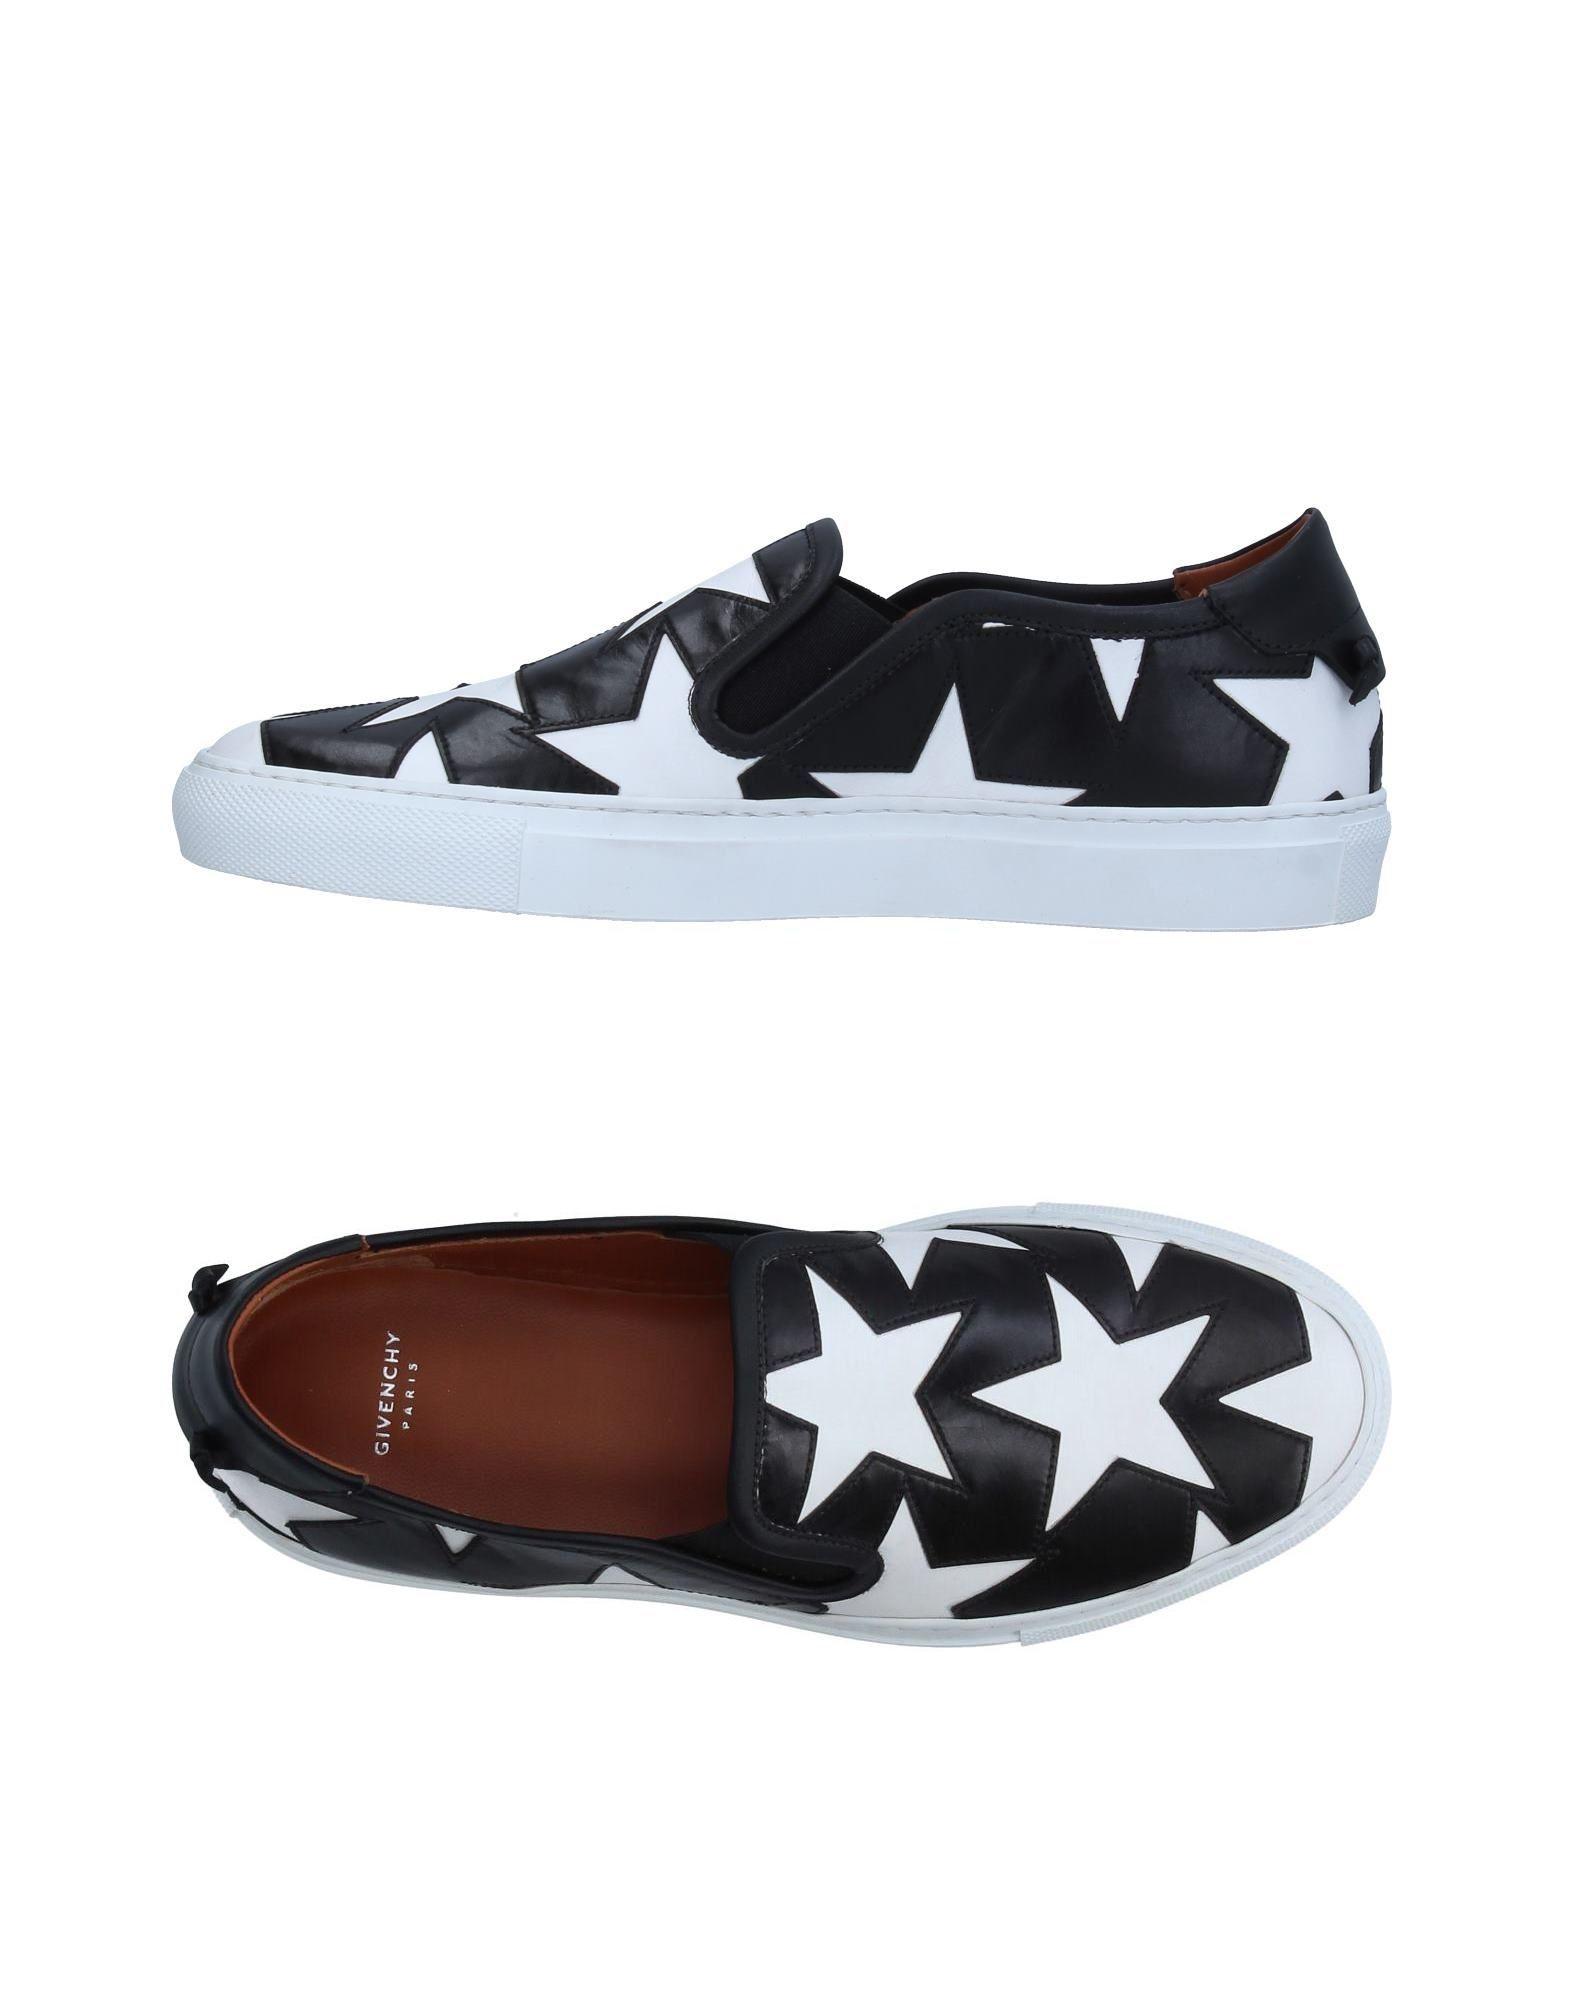 Scarpe economiche Moda e resistenti Moda economiche Sneakers Givenchy Donna eaefcf